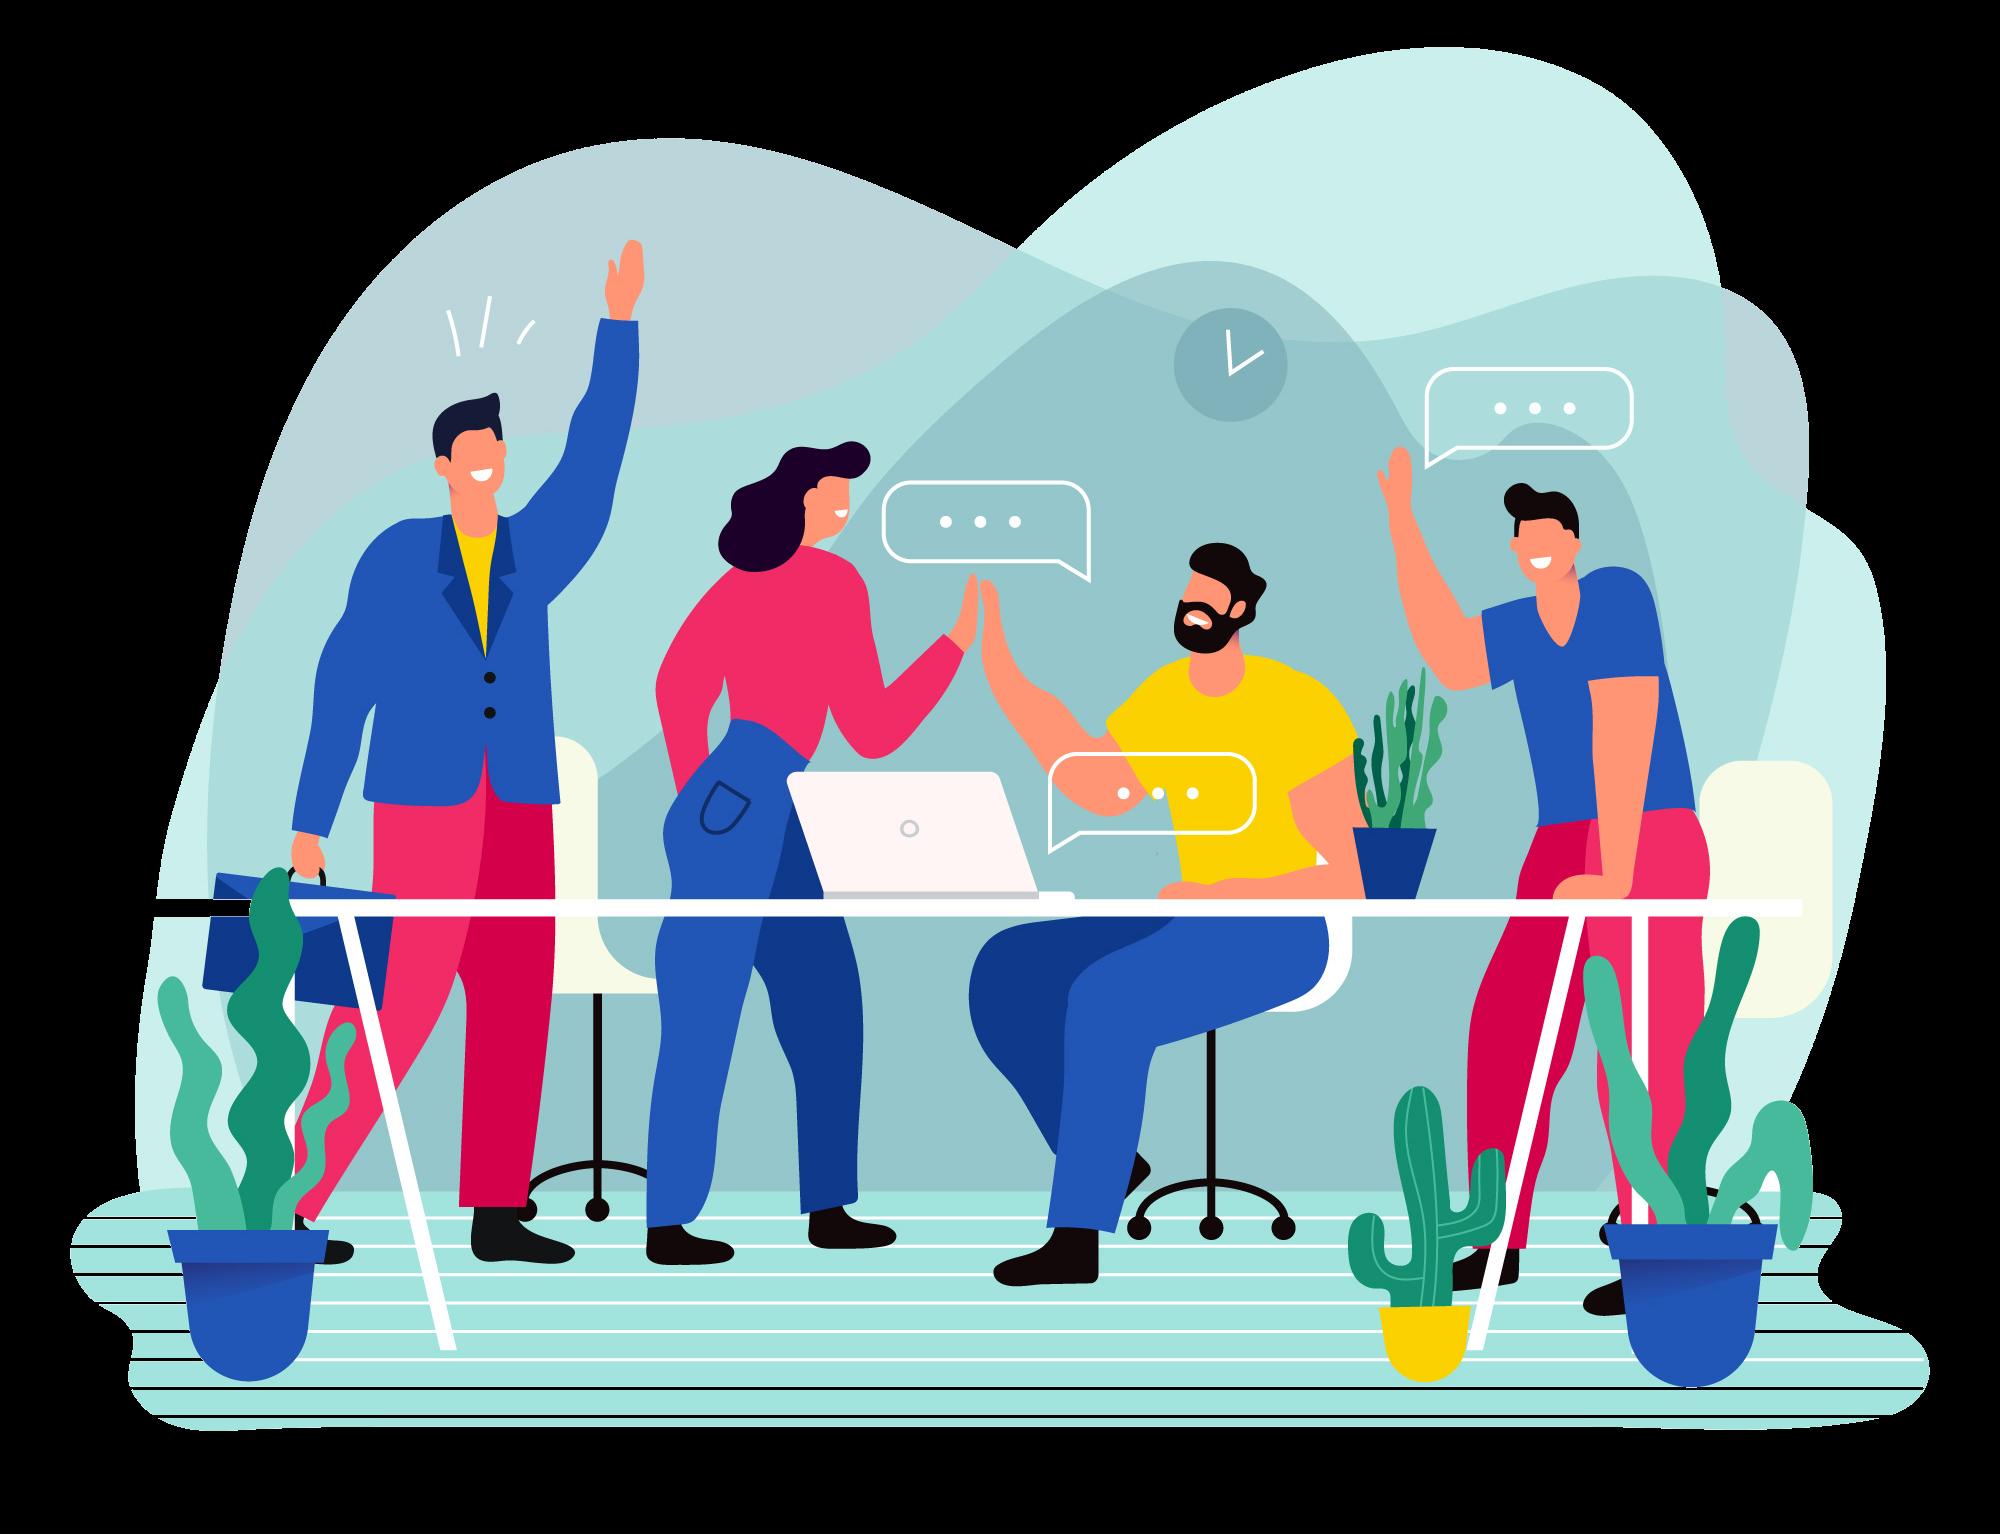 Illustrasjon av kommunikasjon og samhandling i bedrift